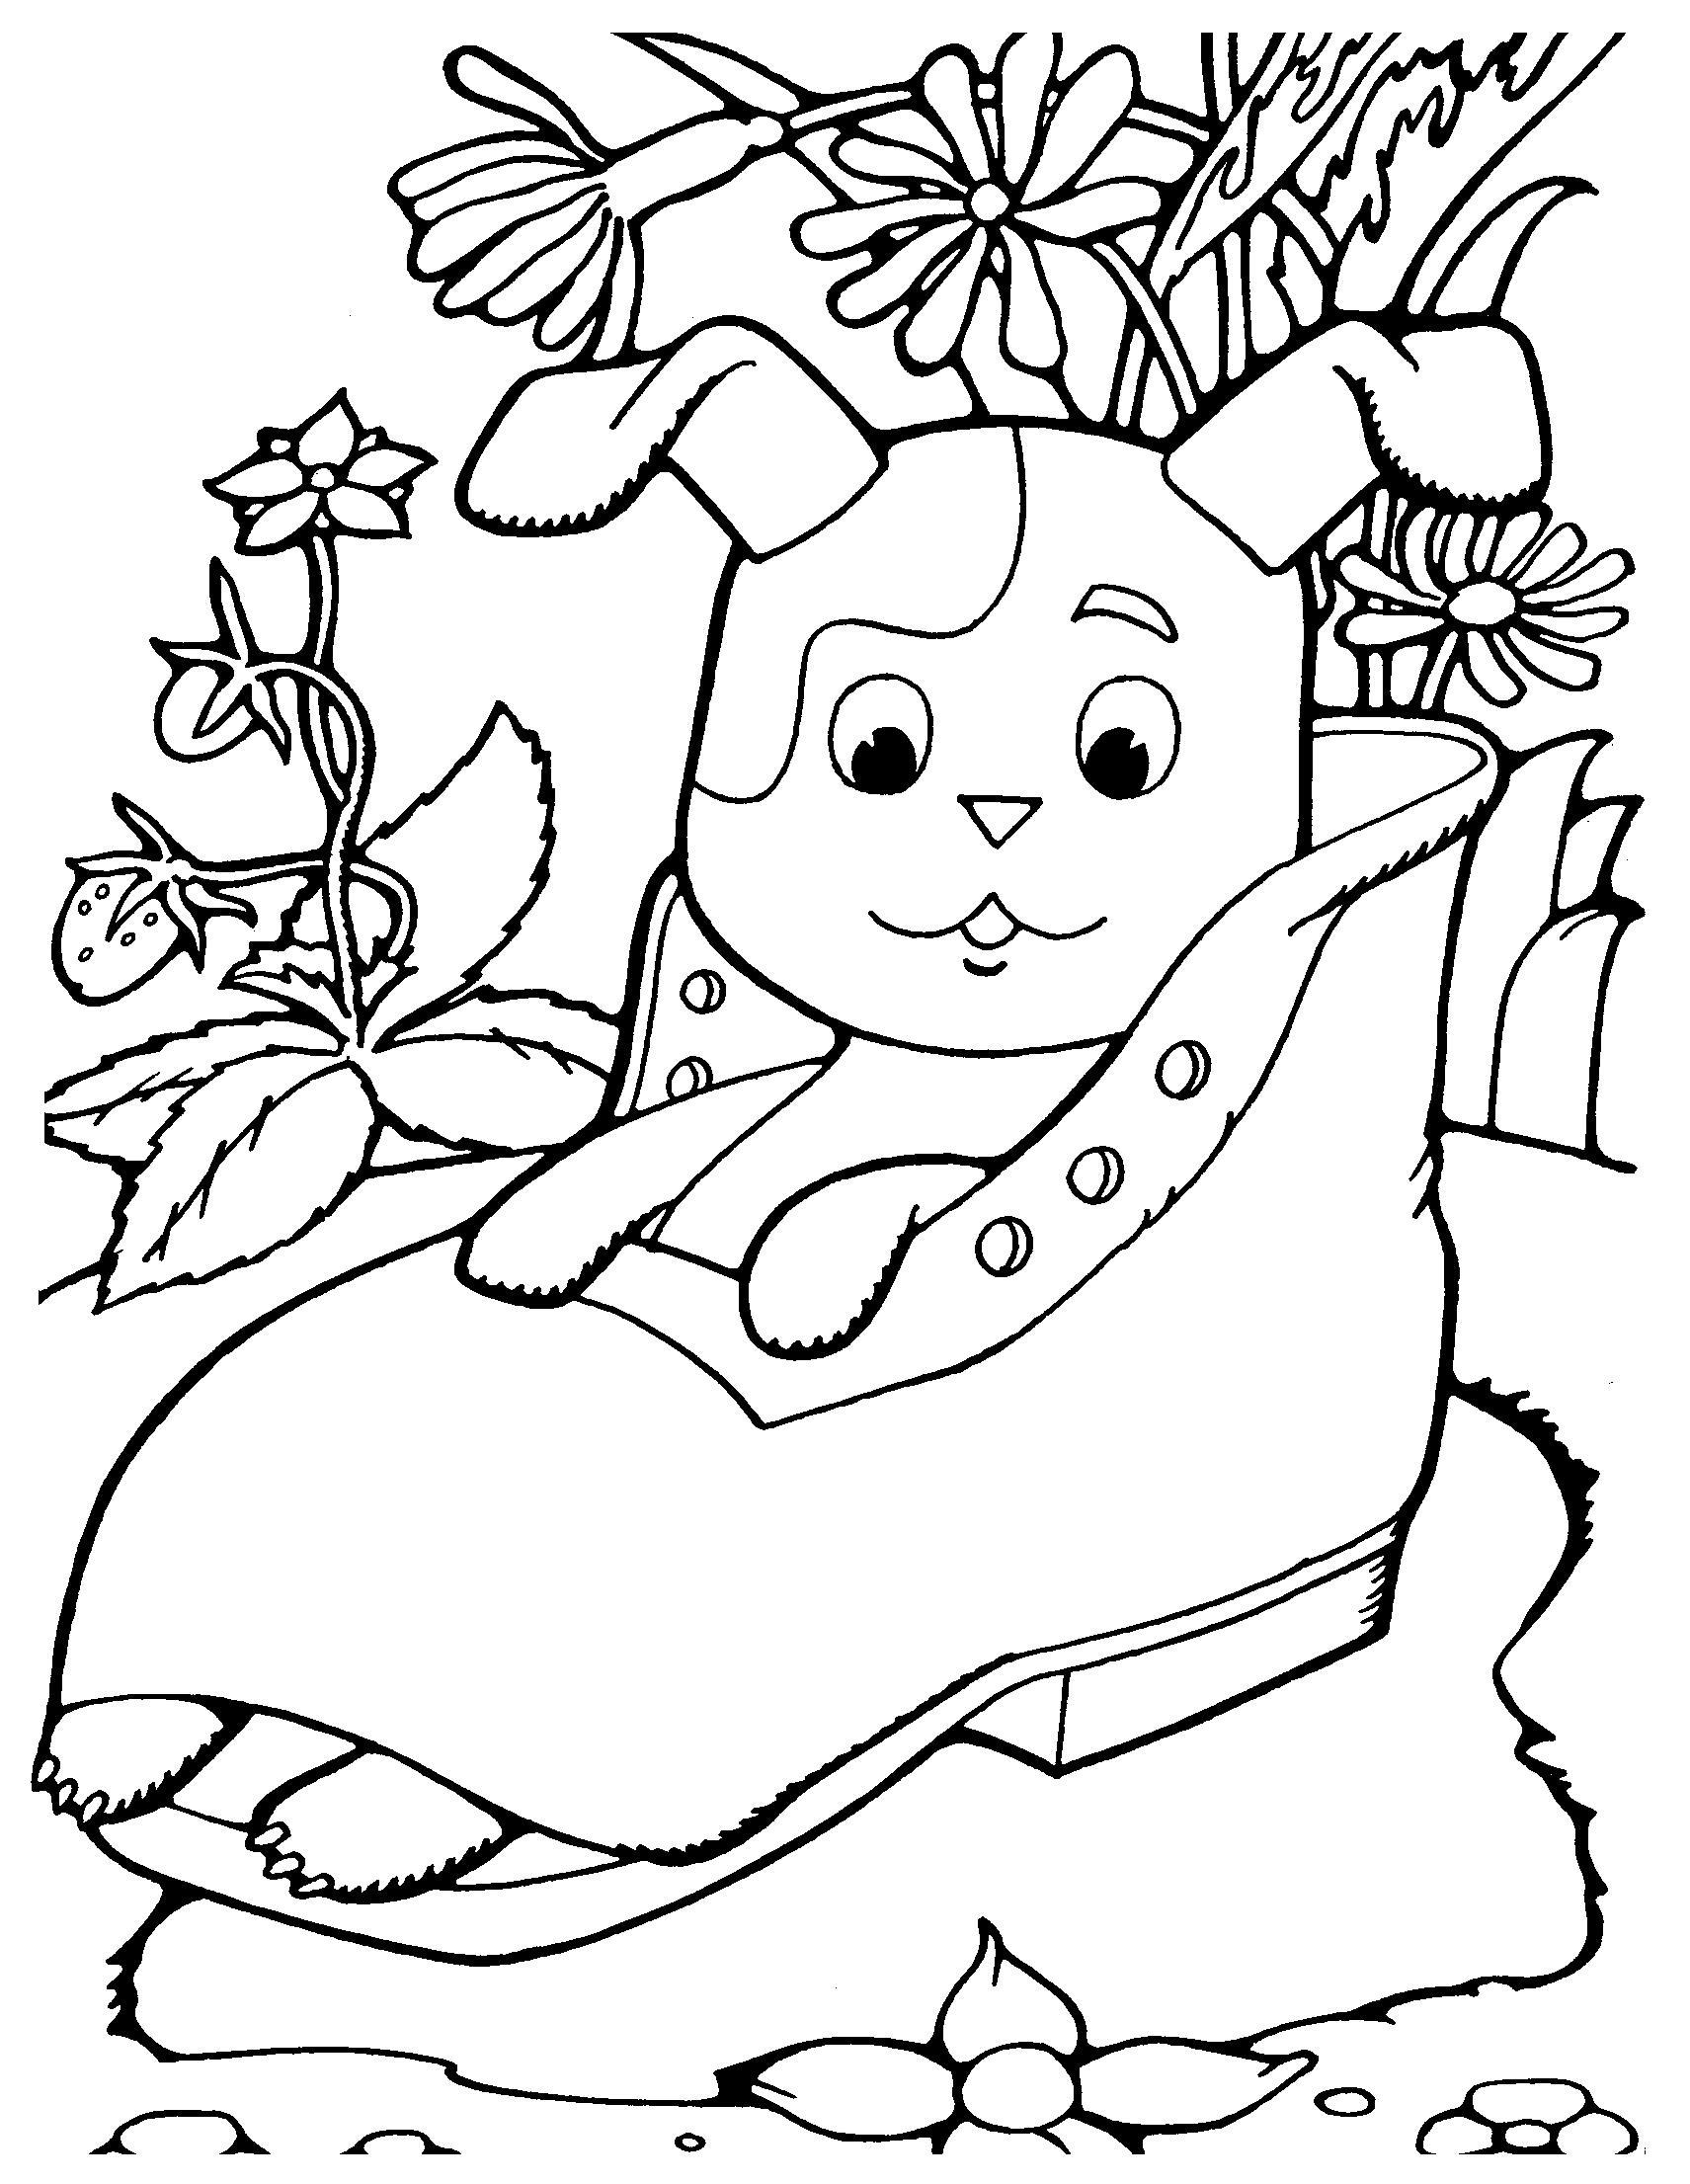 Щенок в ботинки из мультфильма котенок по имени гав Красивые раскраски цветов